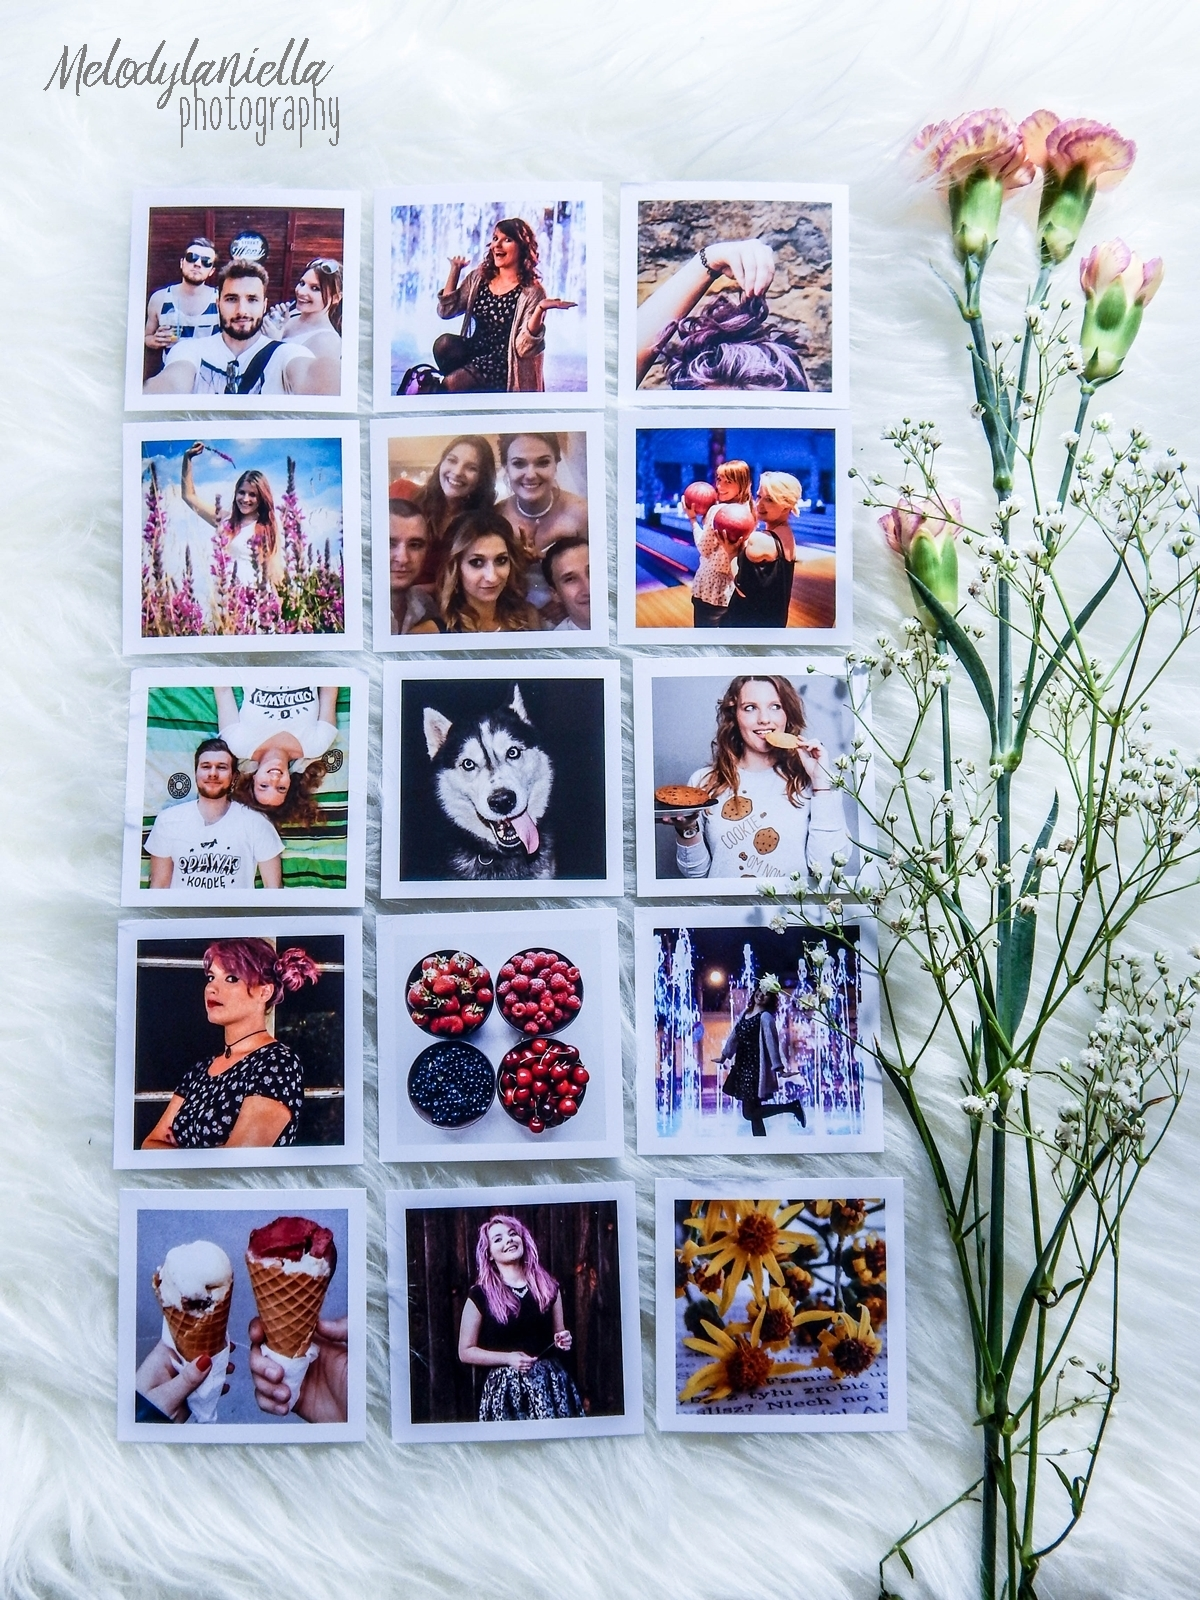 socialdruk kwadraty wywolywanie zdjec z instagrama polaroid wywolywanie fotografia pomysl na prezent nietypowe kwadratowe zdjecia w bialych ramkach duze kwadraty male kwadraty kwadratowe fotki